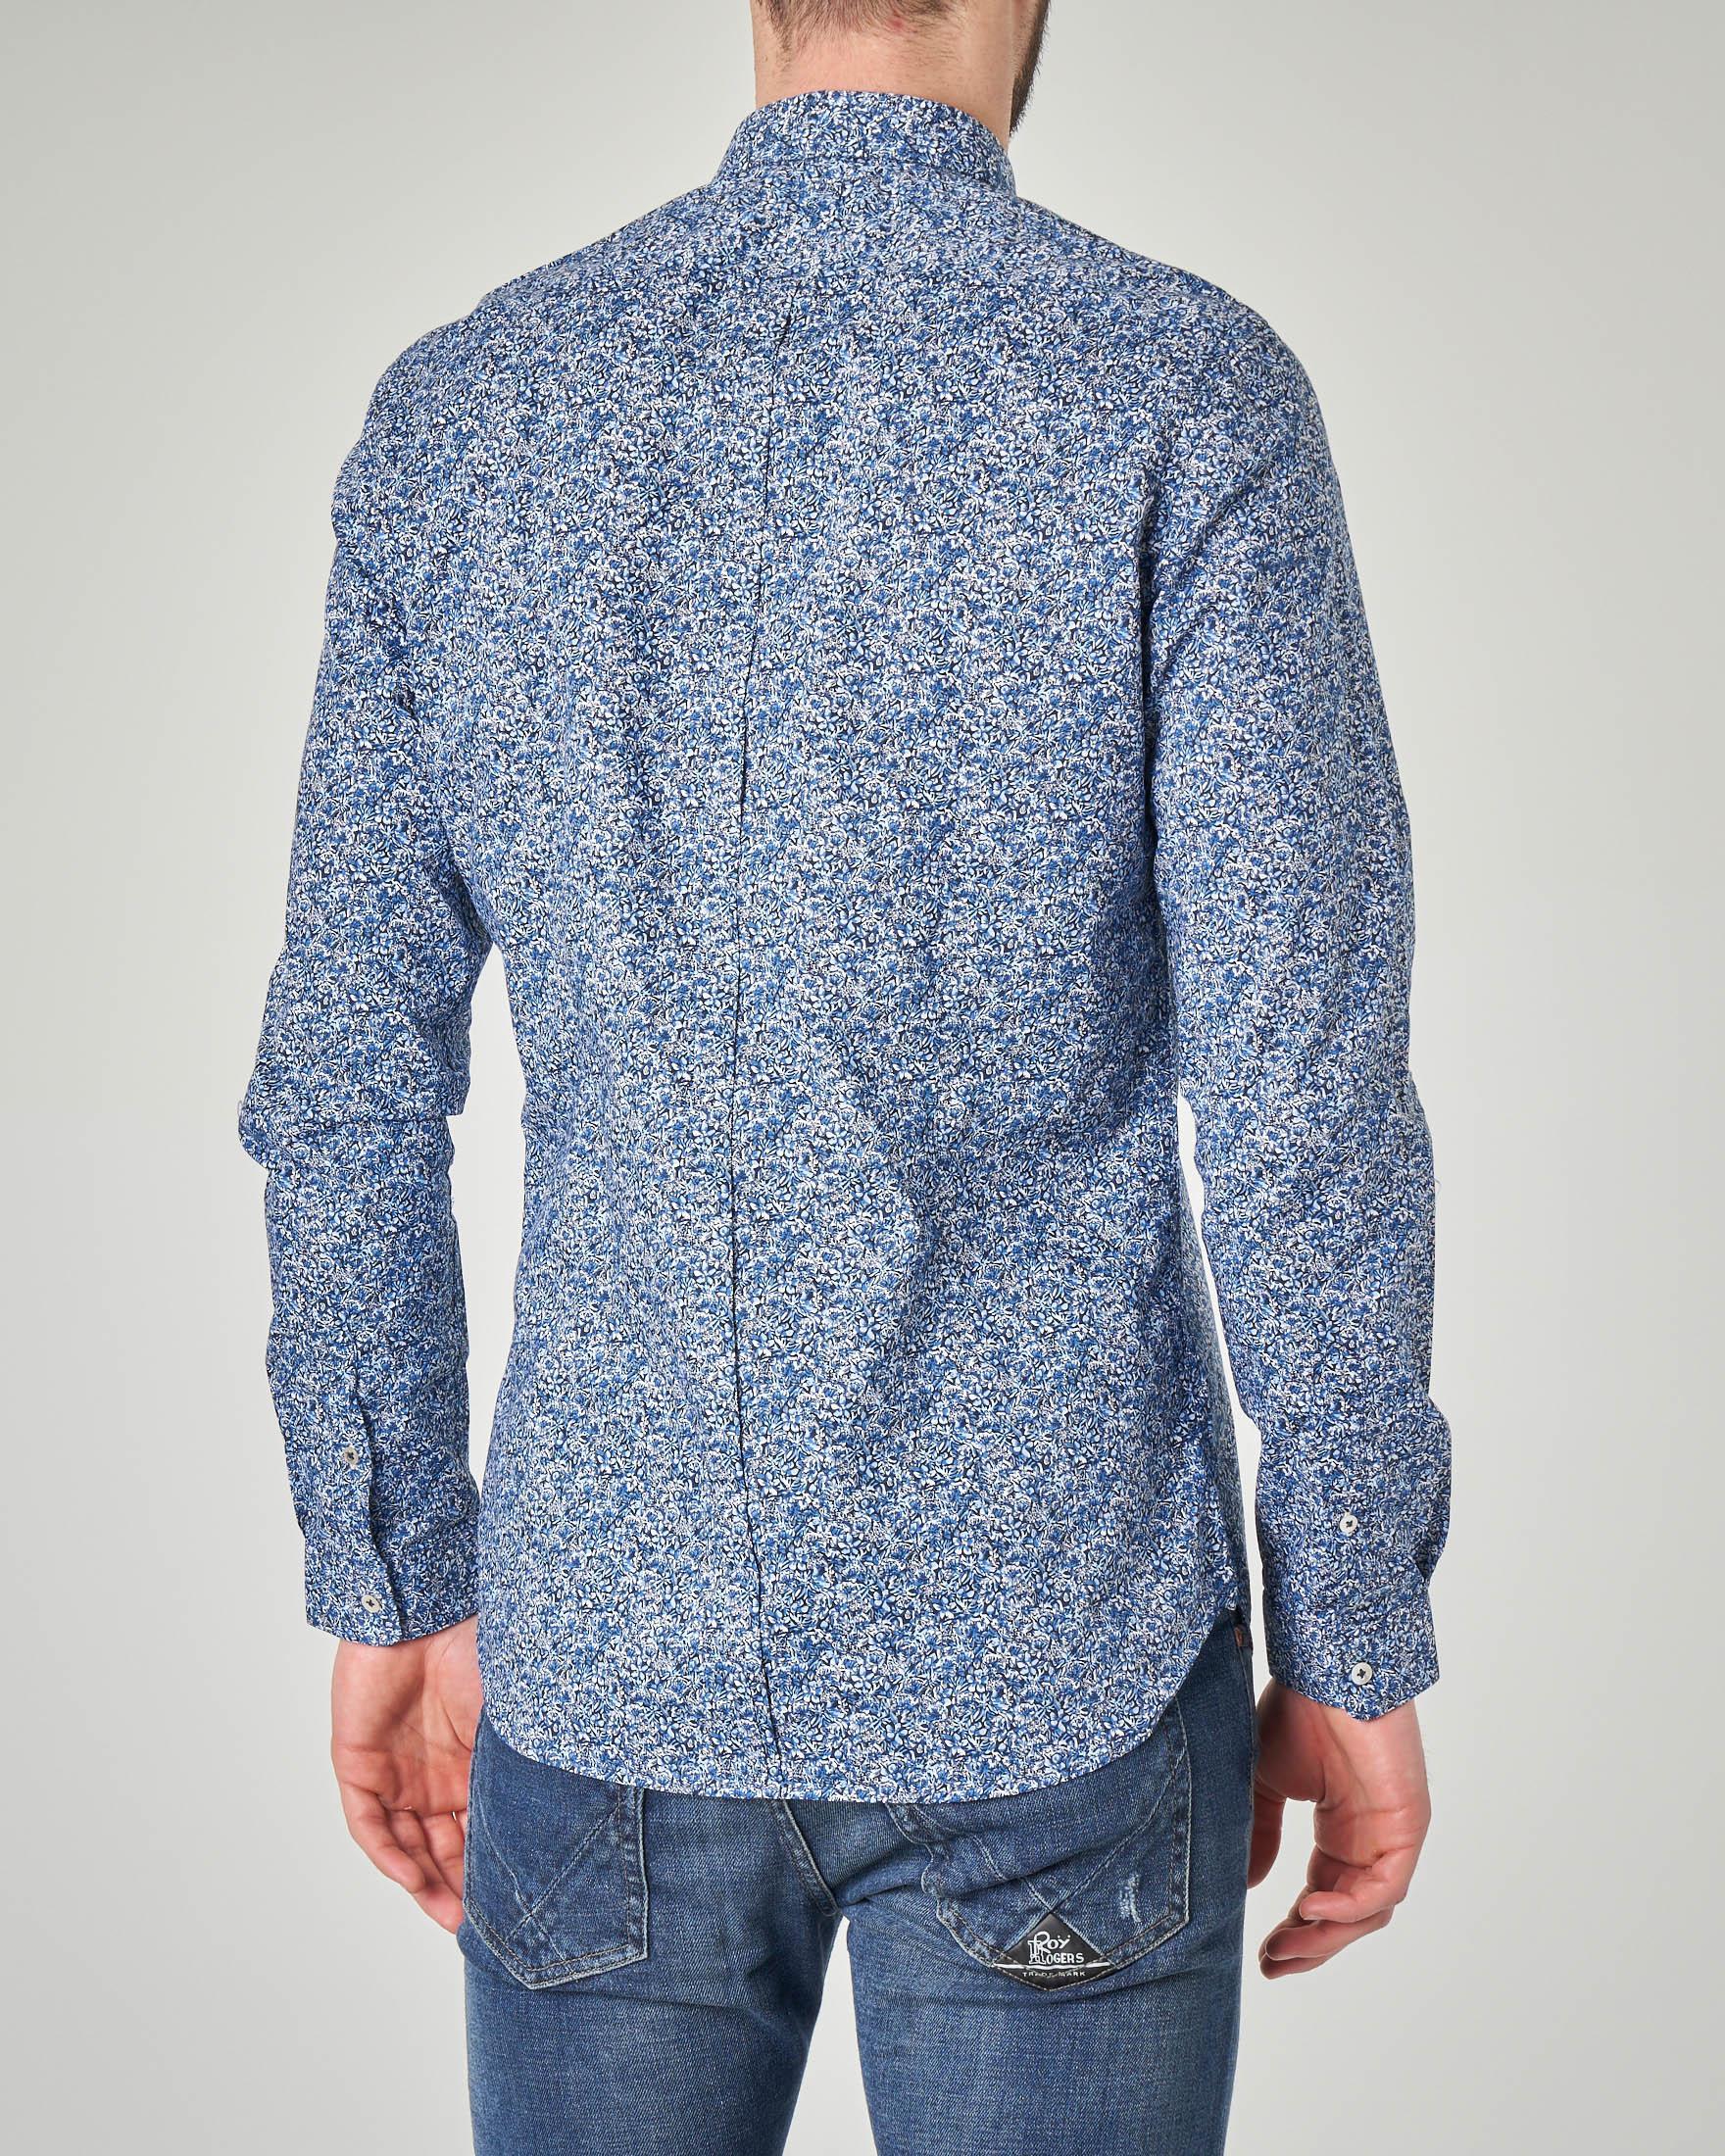 Camicia blu fantasia floreale